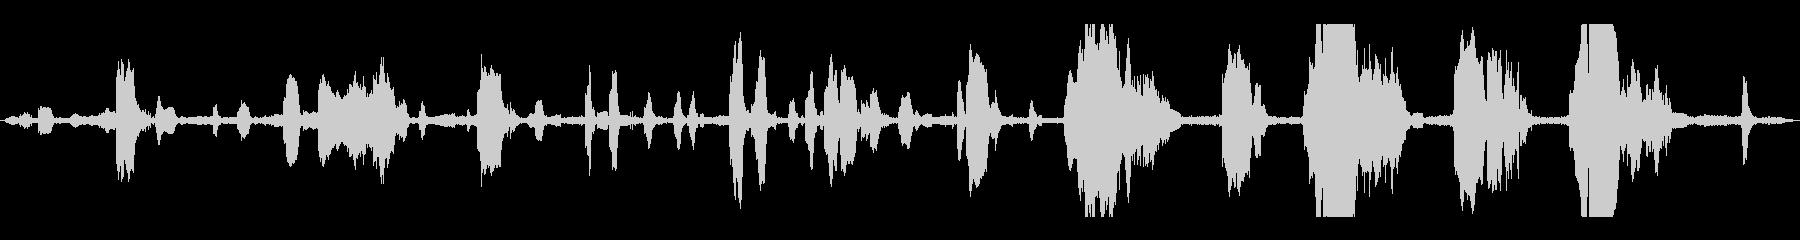 シビック-コーナーバイスを繰り返し...の未再生の波形